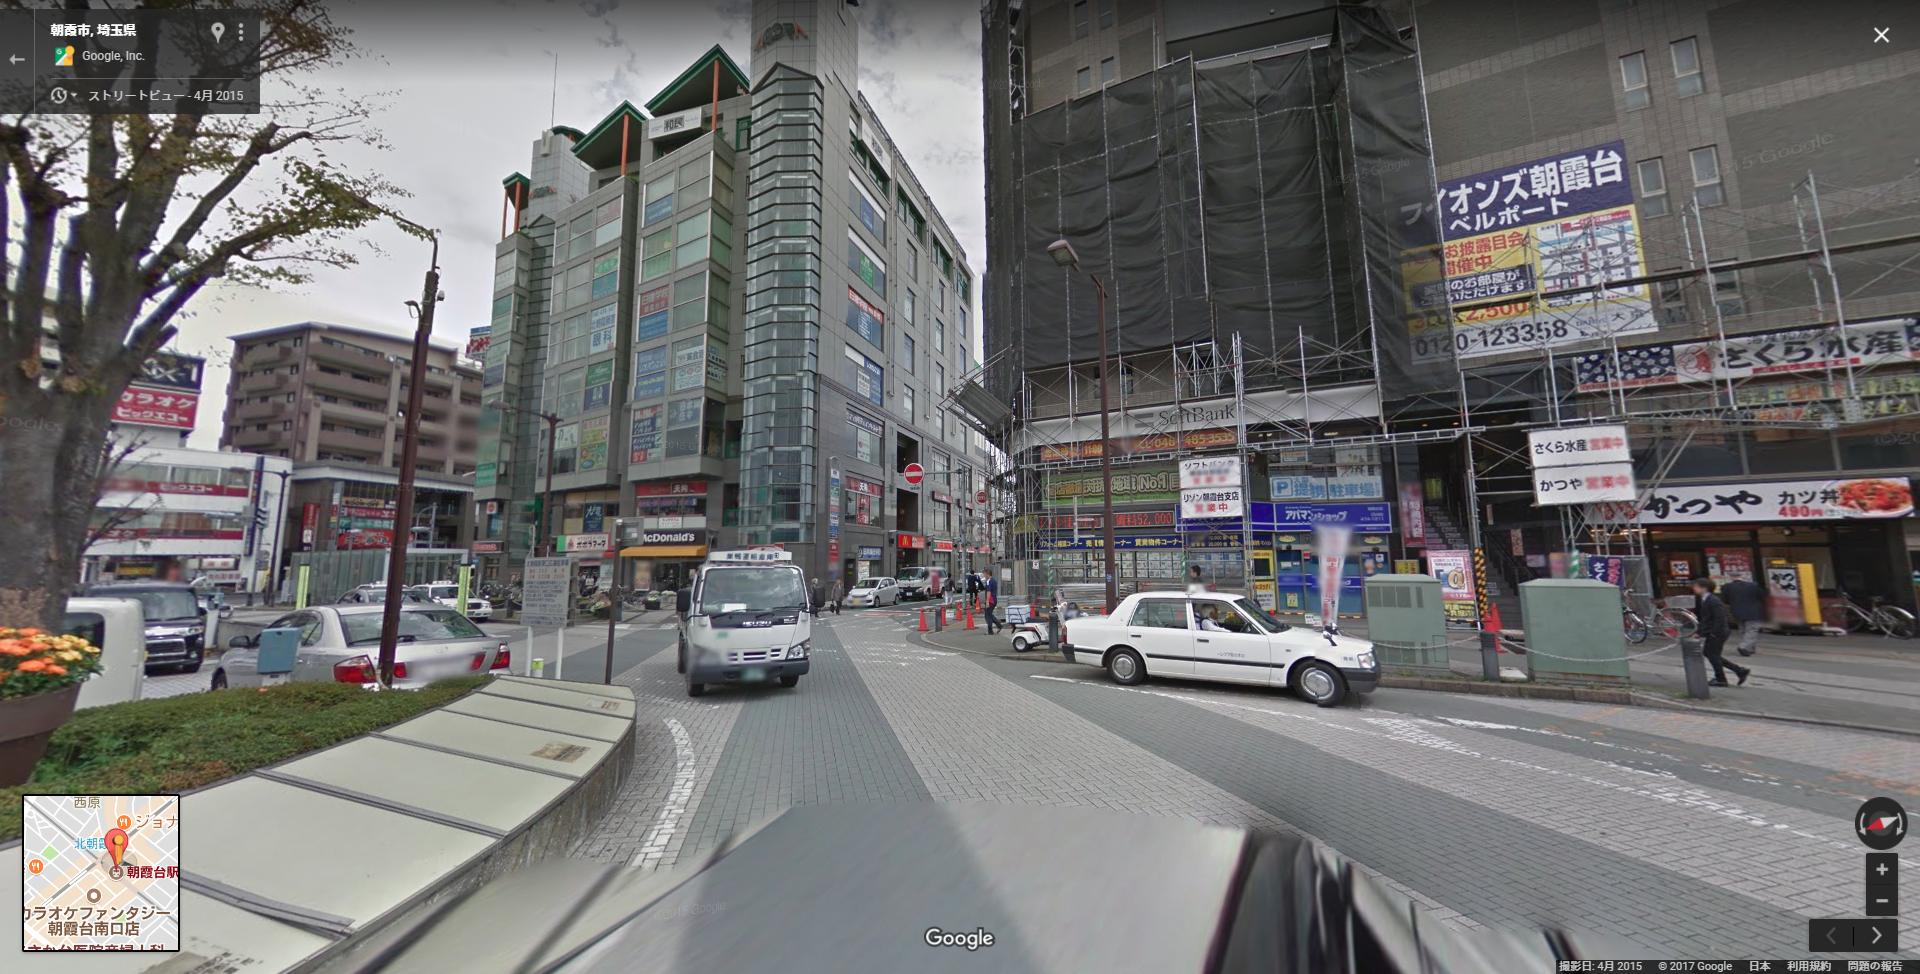 朝霞台駅北口のストリートビュー